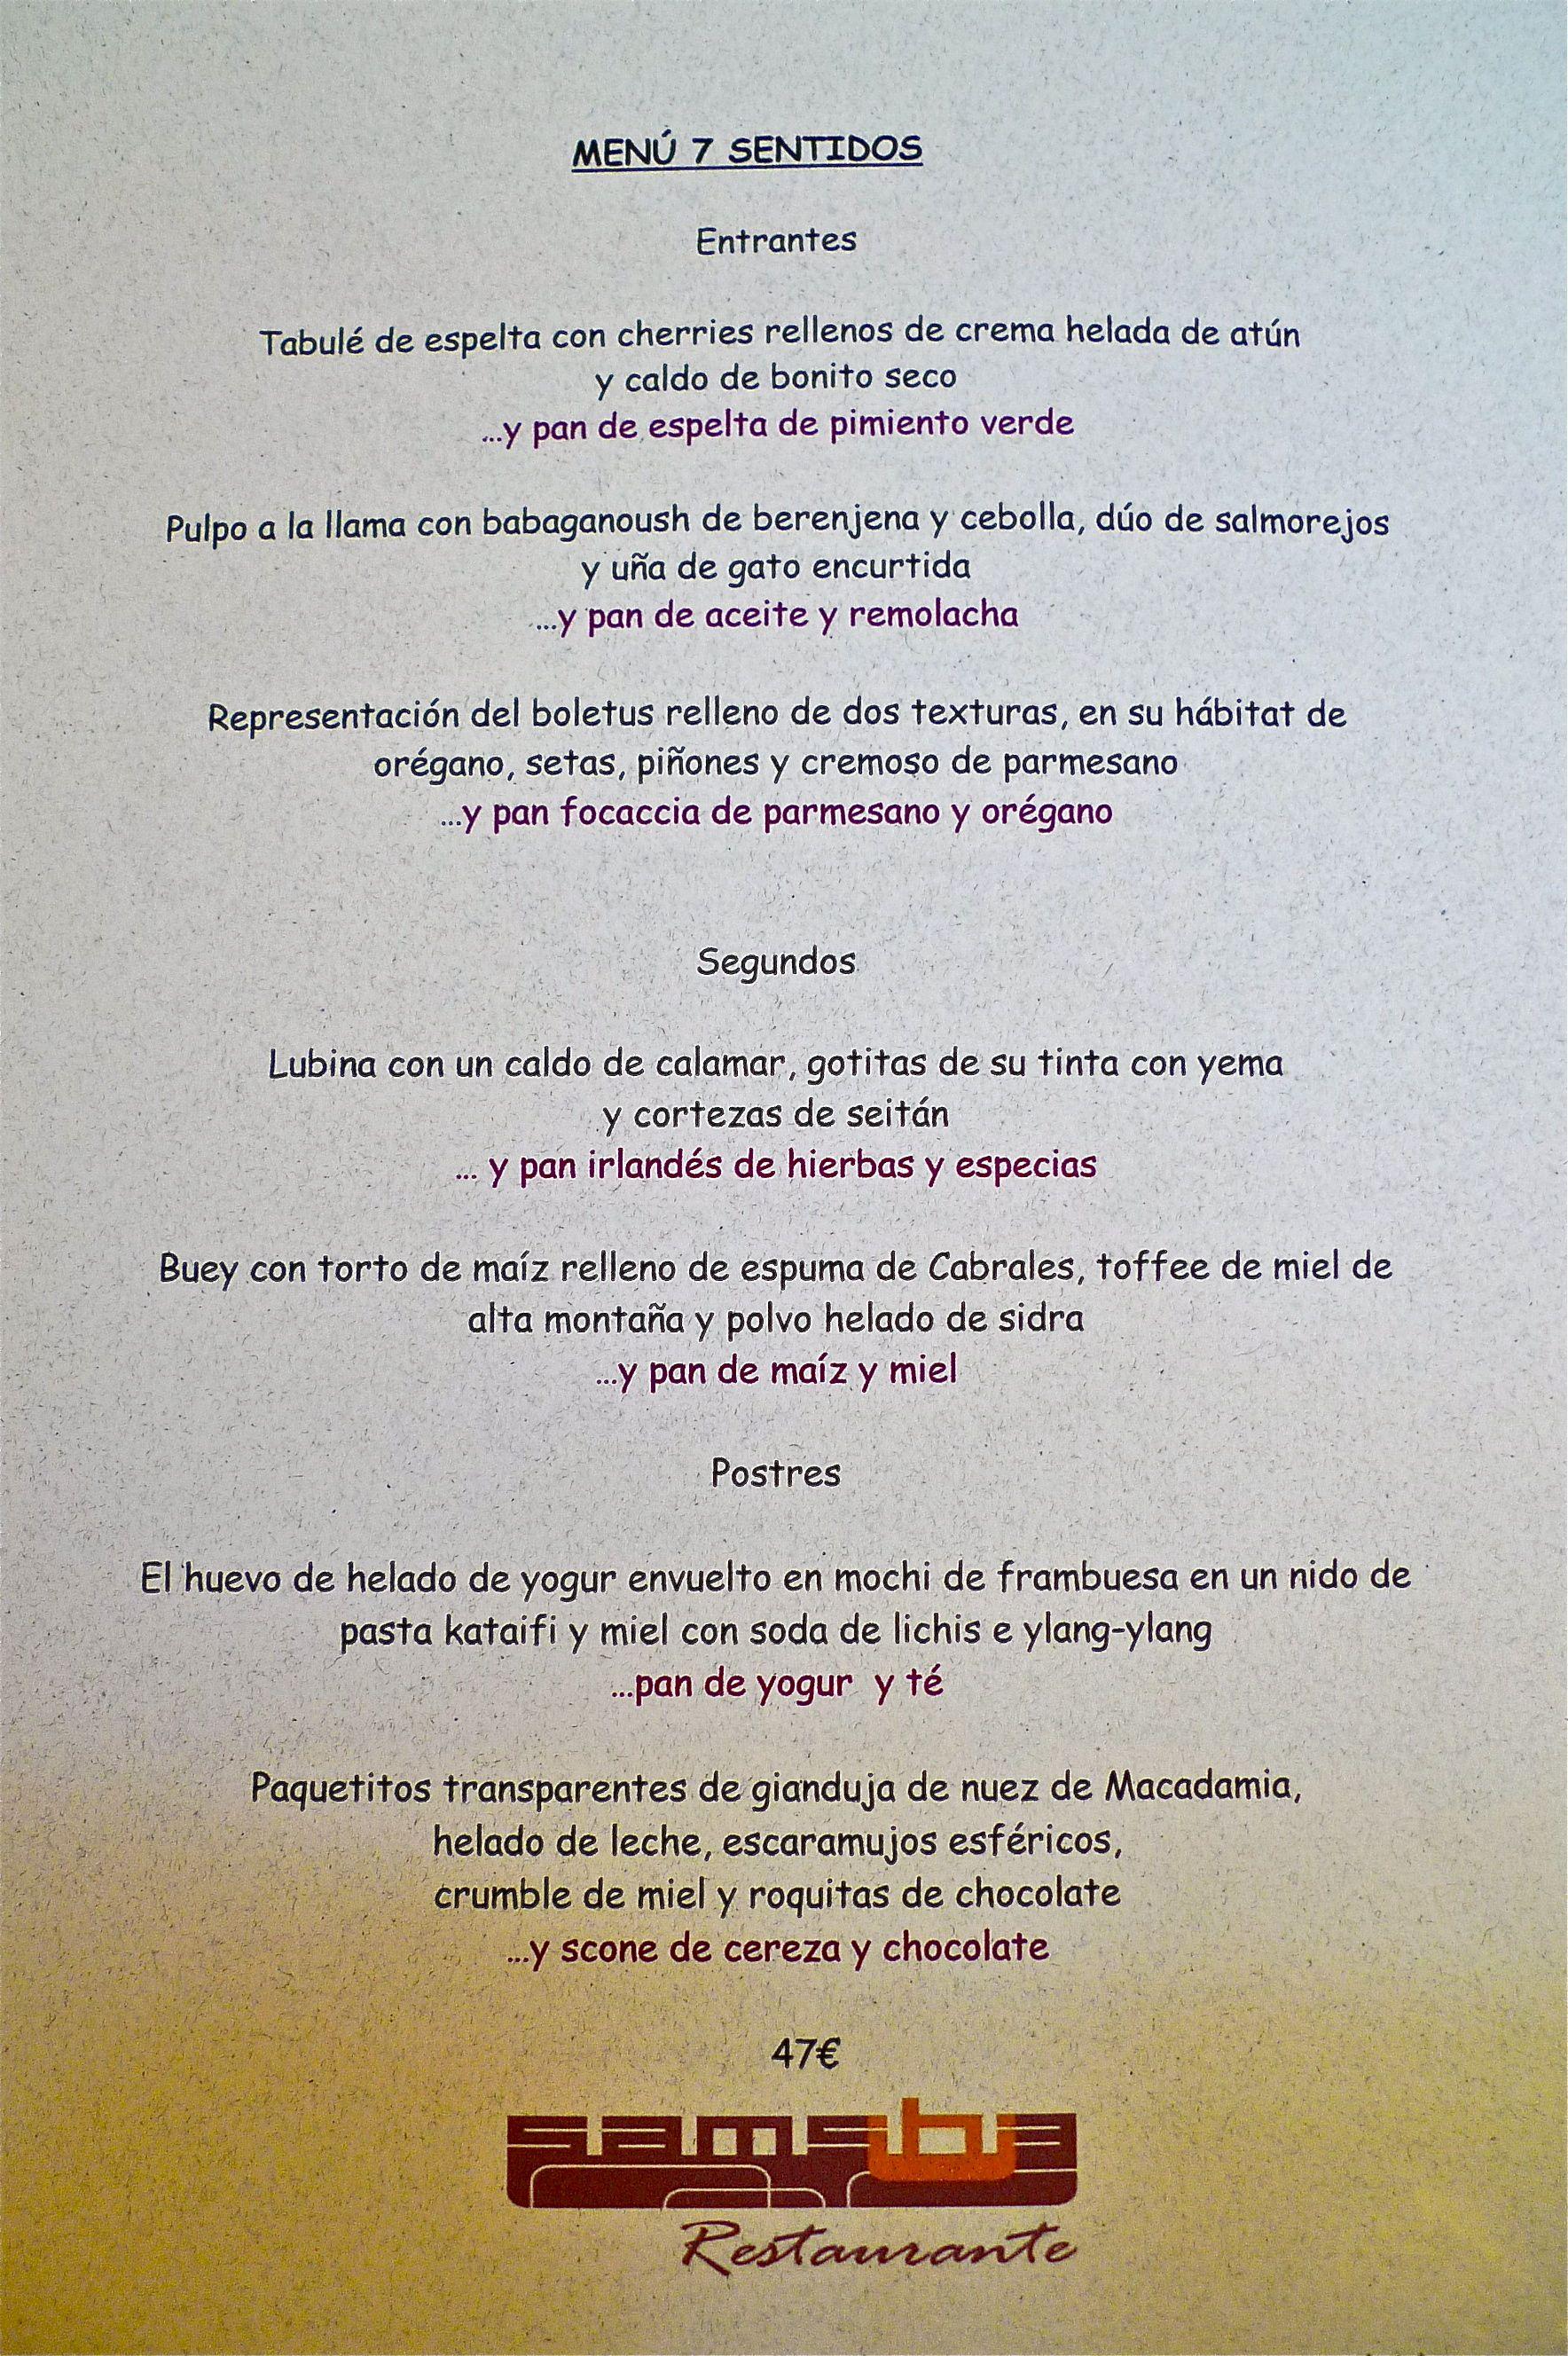 02_menu-7